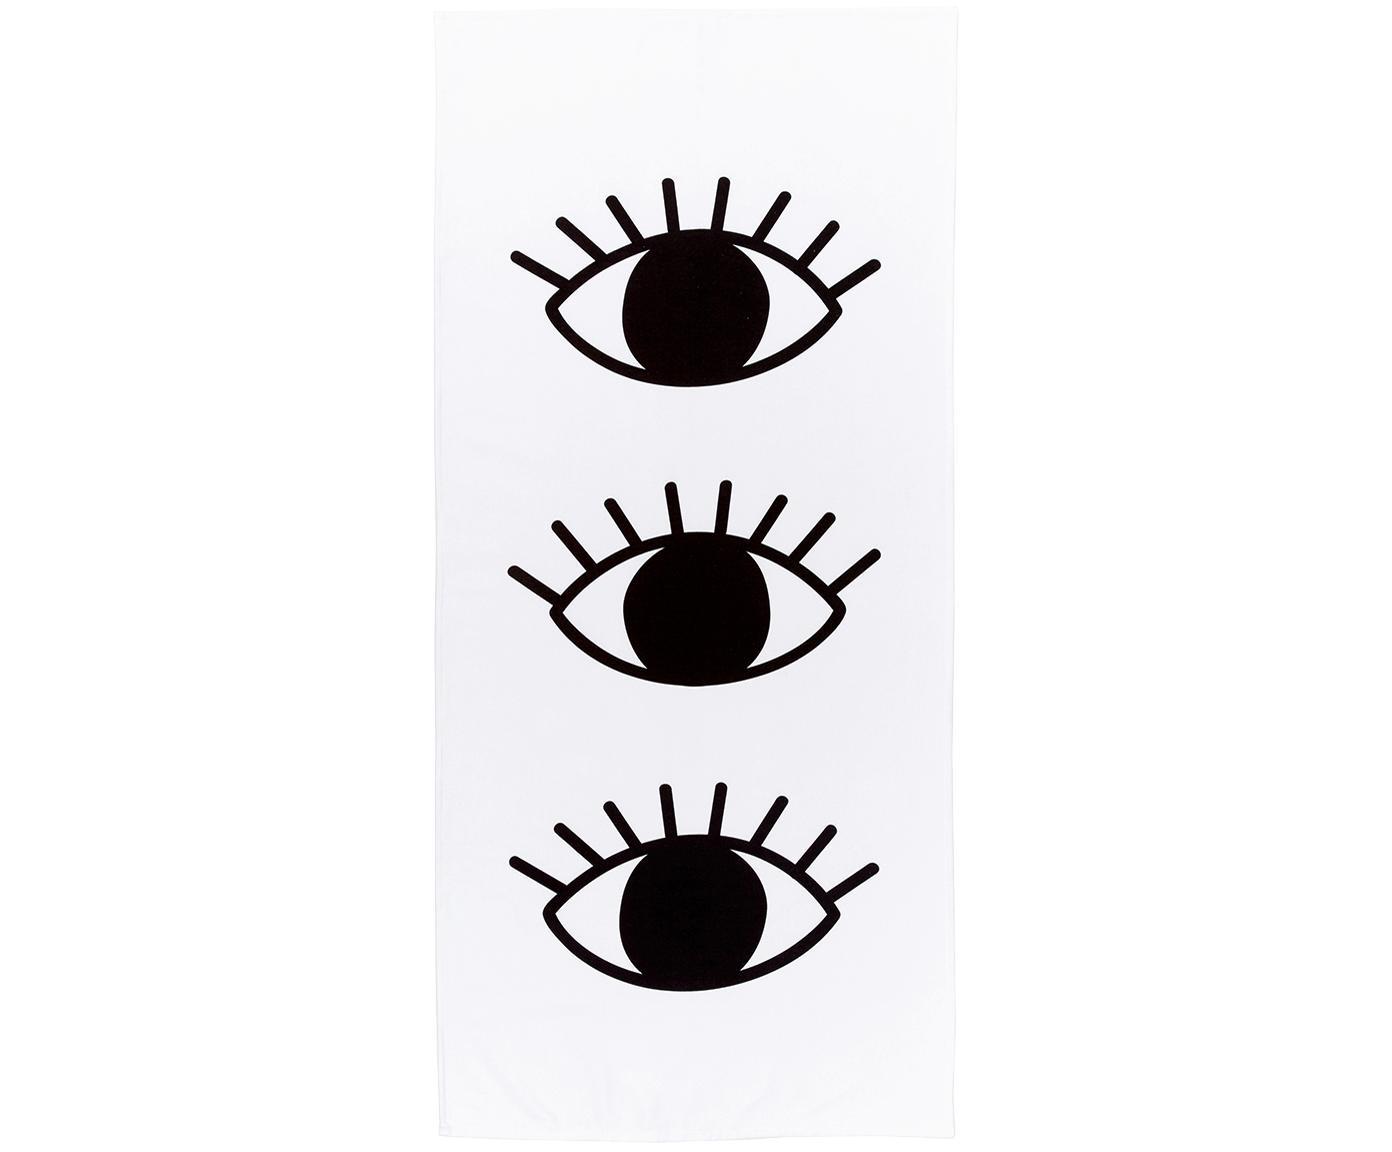 Telo mare leggero Eyes, 55% poliestere, 45% cotone Qualità molto leggera 340 g/m², Bianco, nero, Larg. 70 x Lung. 150 cm